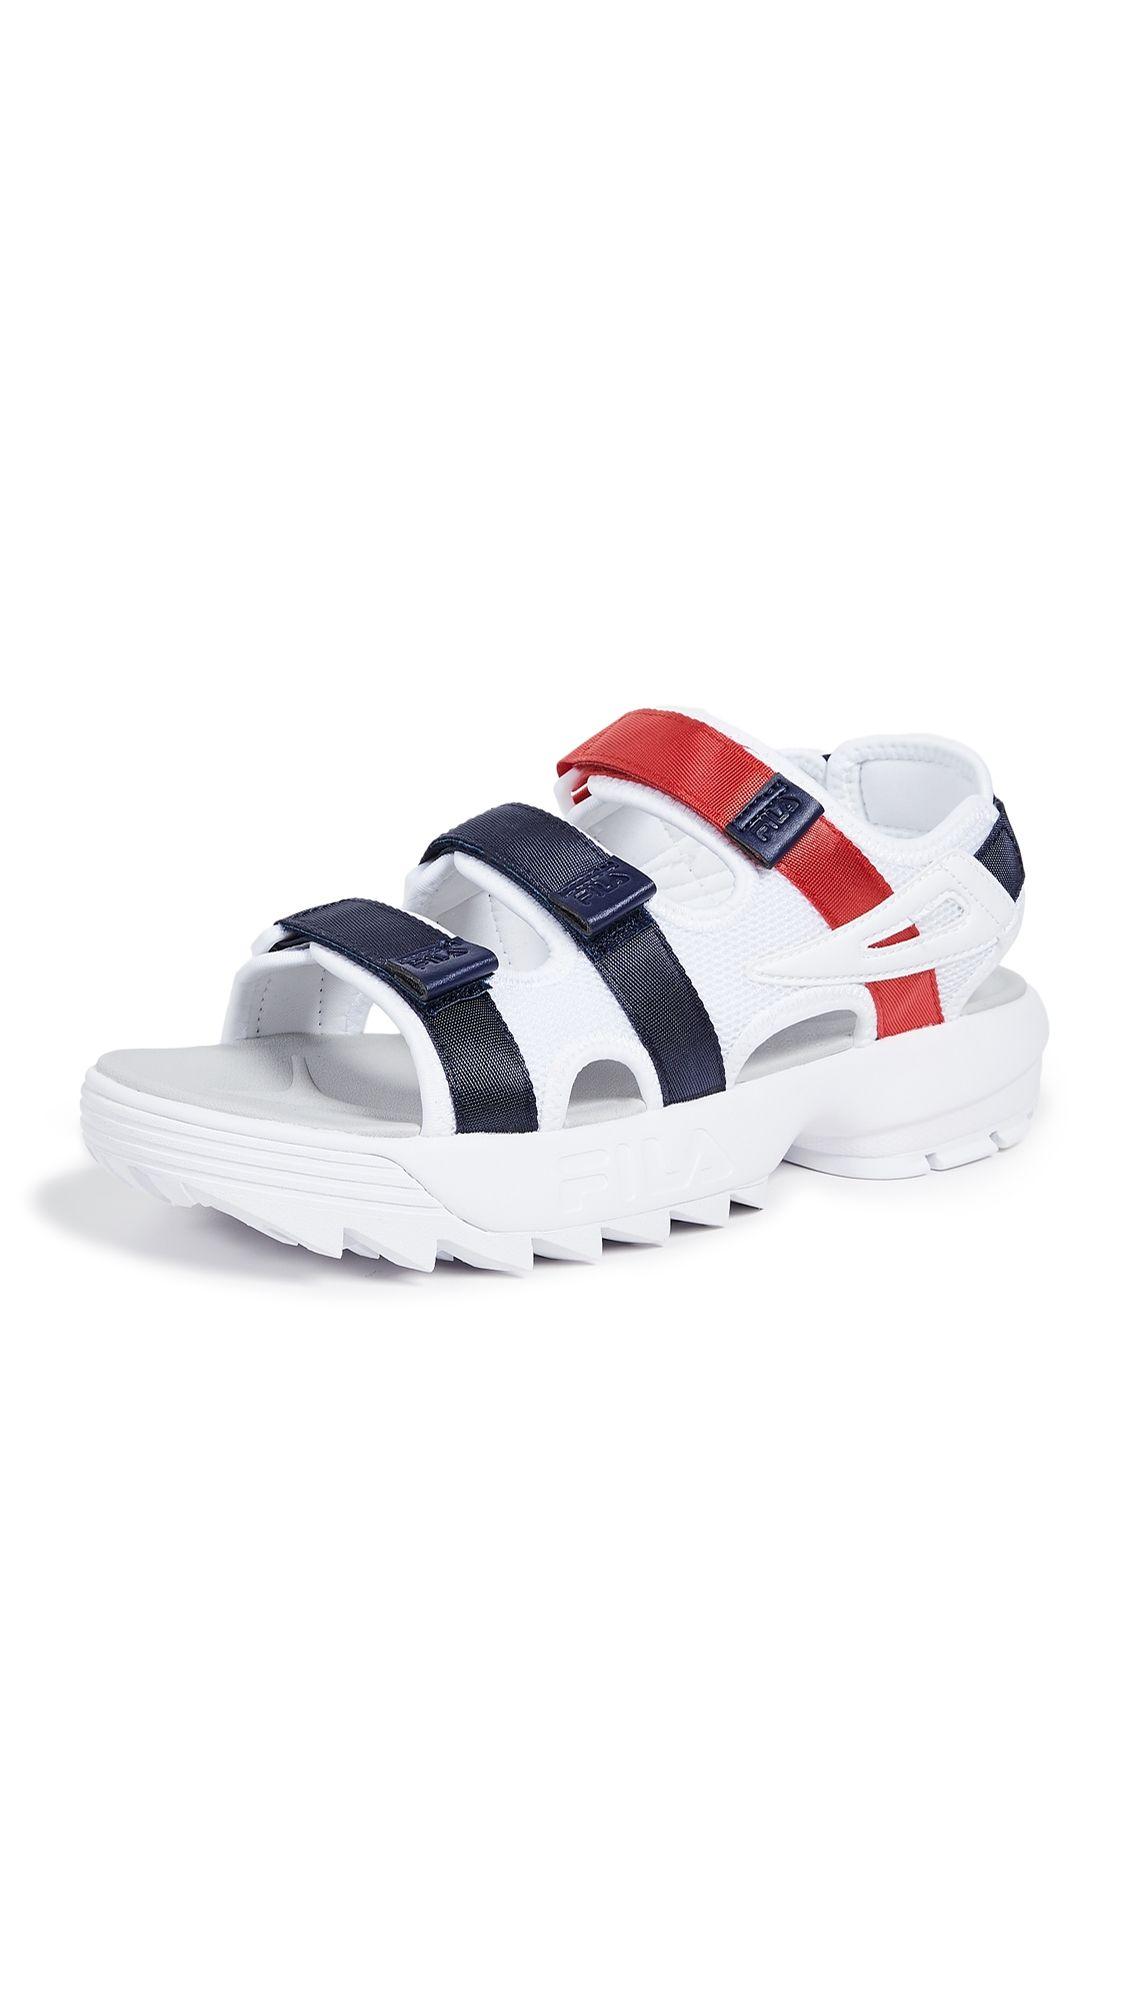 Fila Disruptor Strappy Sandals In White